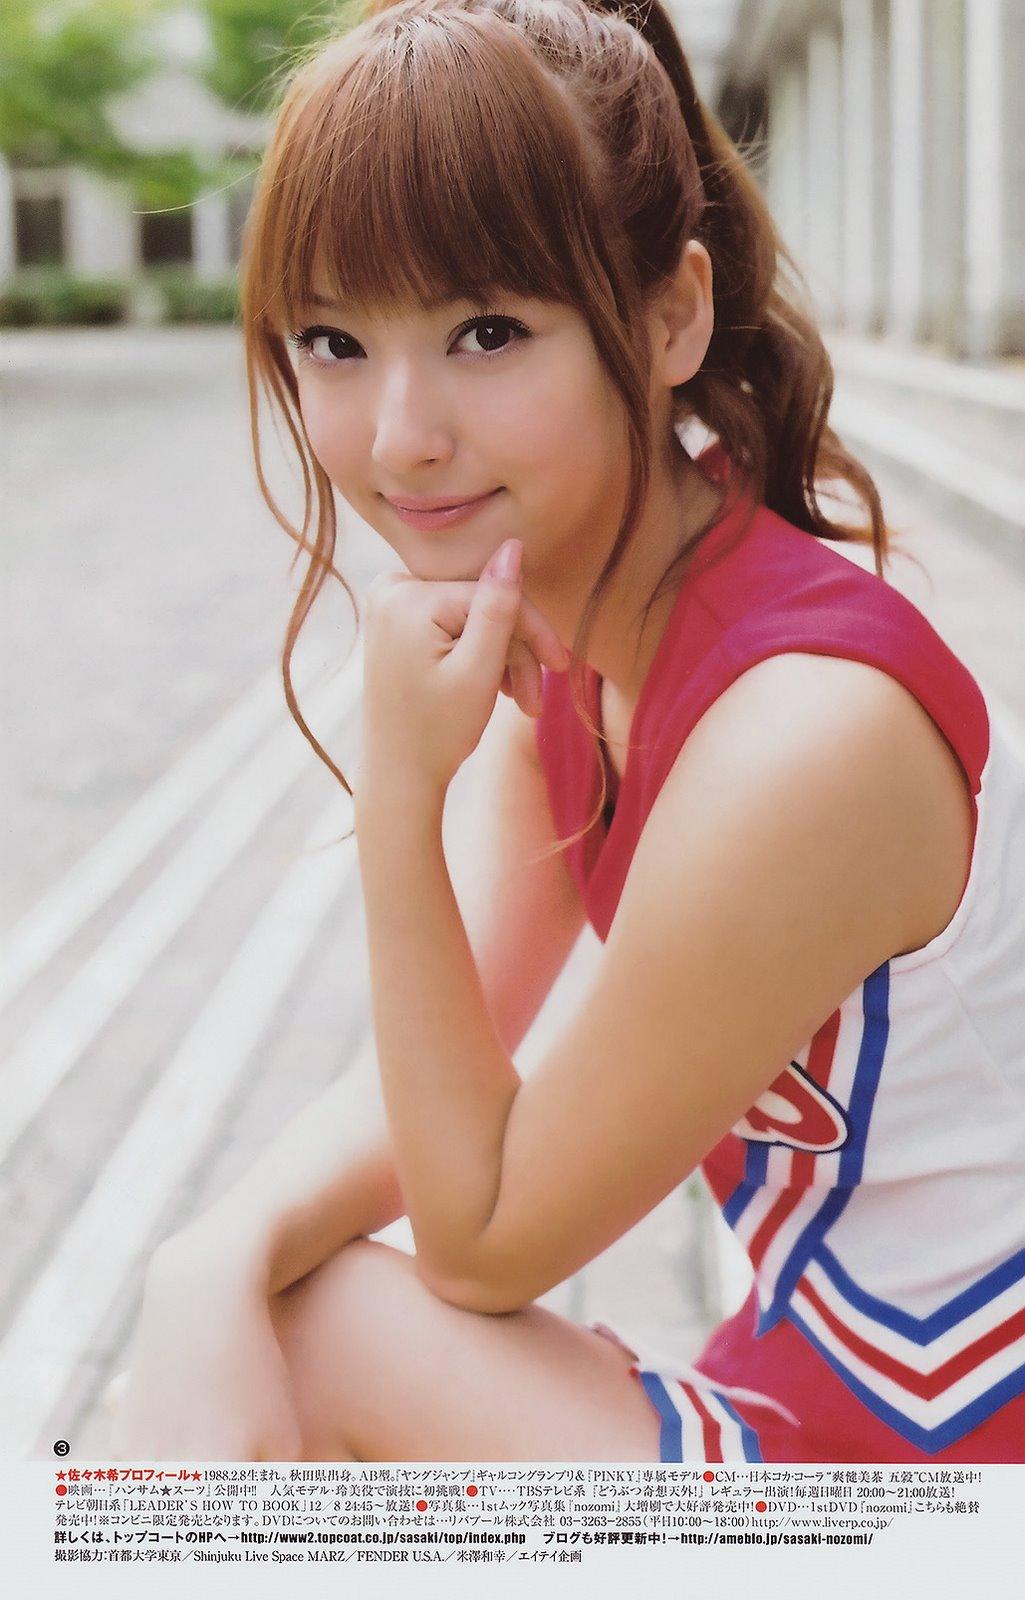 Трах с молоденькой японочкой 8 фотография